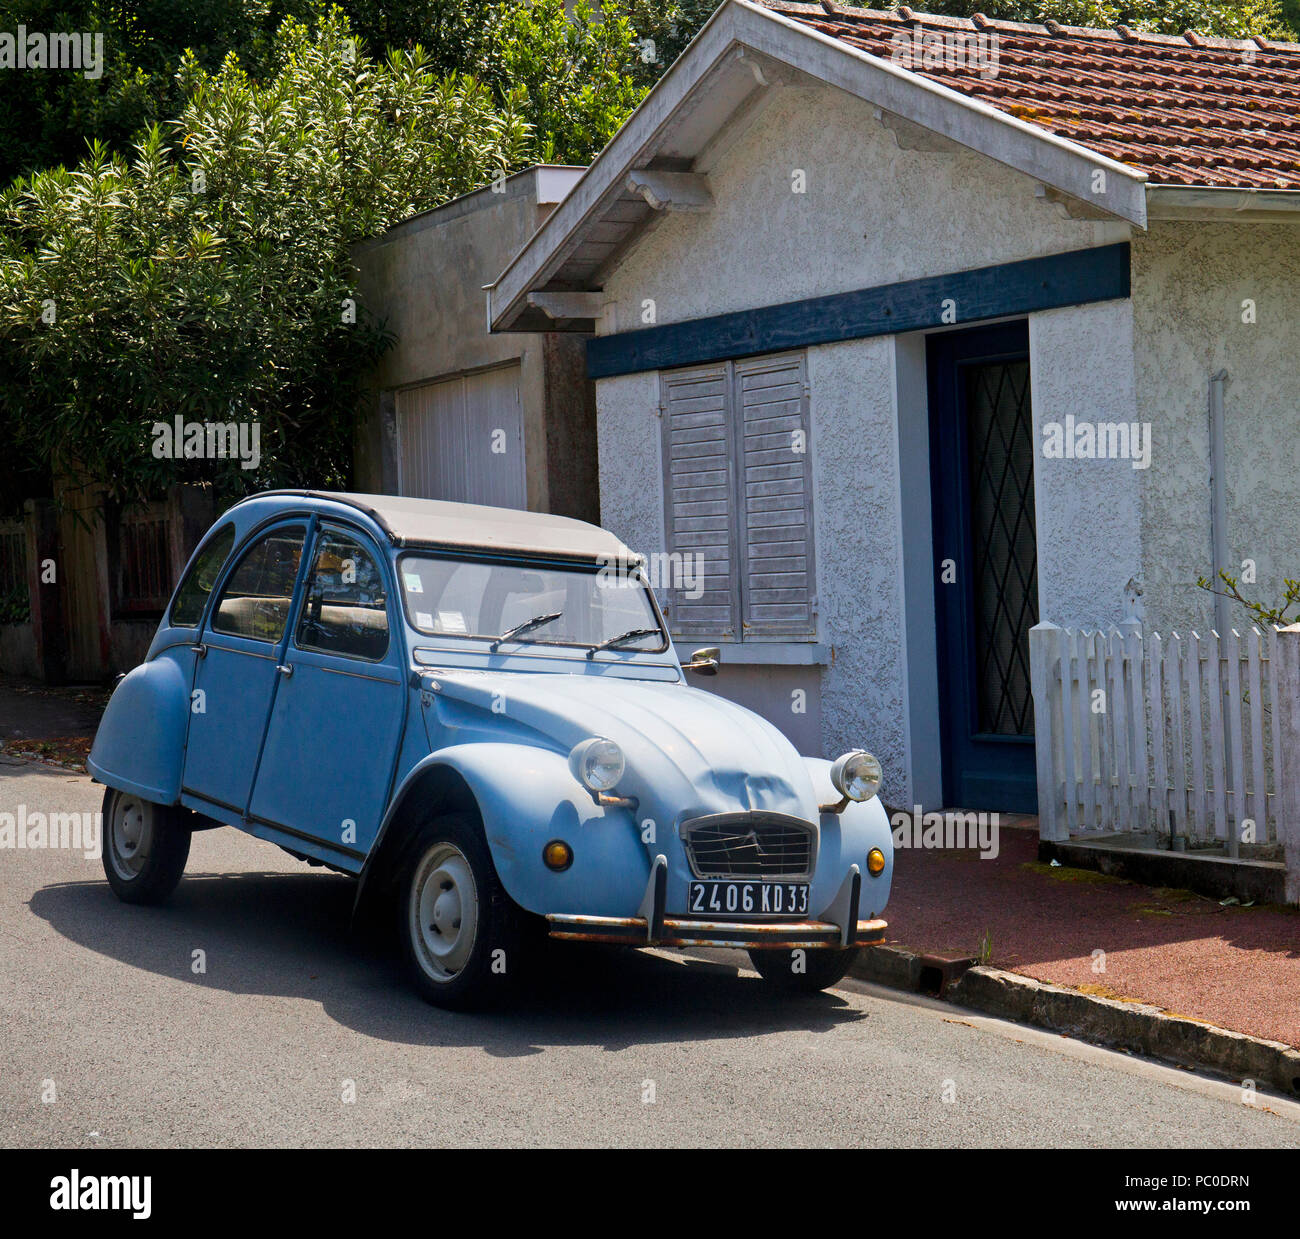 Citroen Classic car, the Deux Chevaux - Stock Image